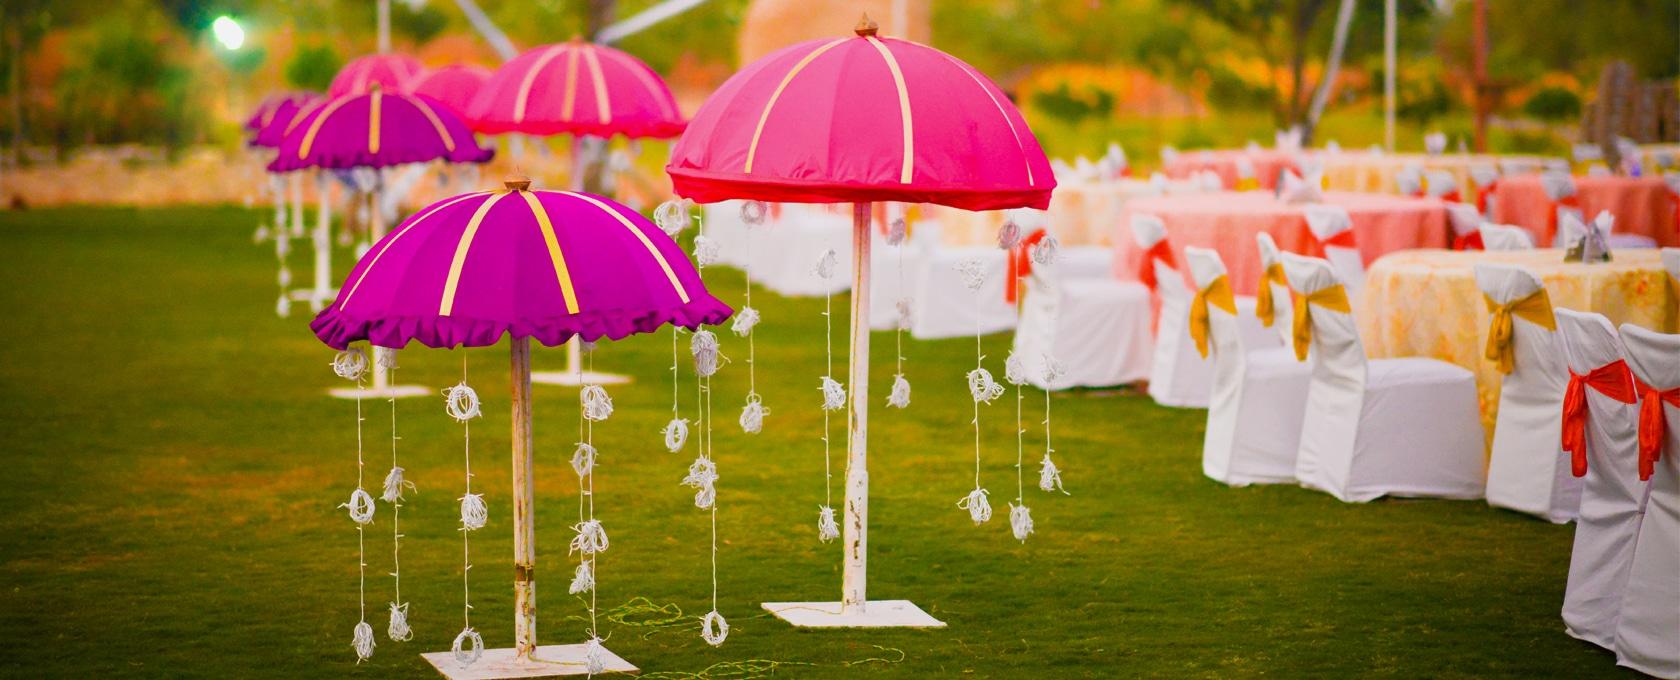 Best Resorts in Hyderabad - Dream Valley Resorts